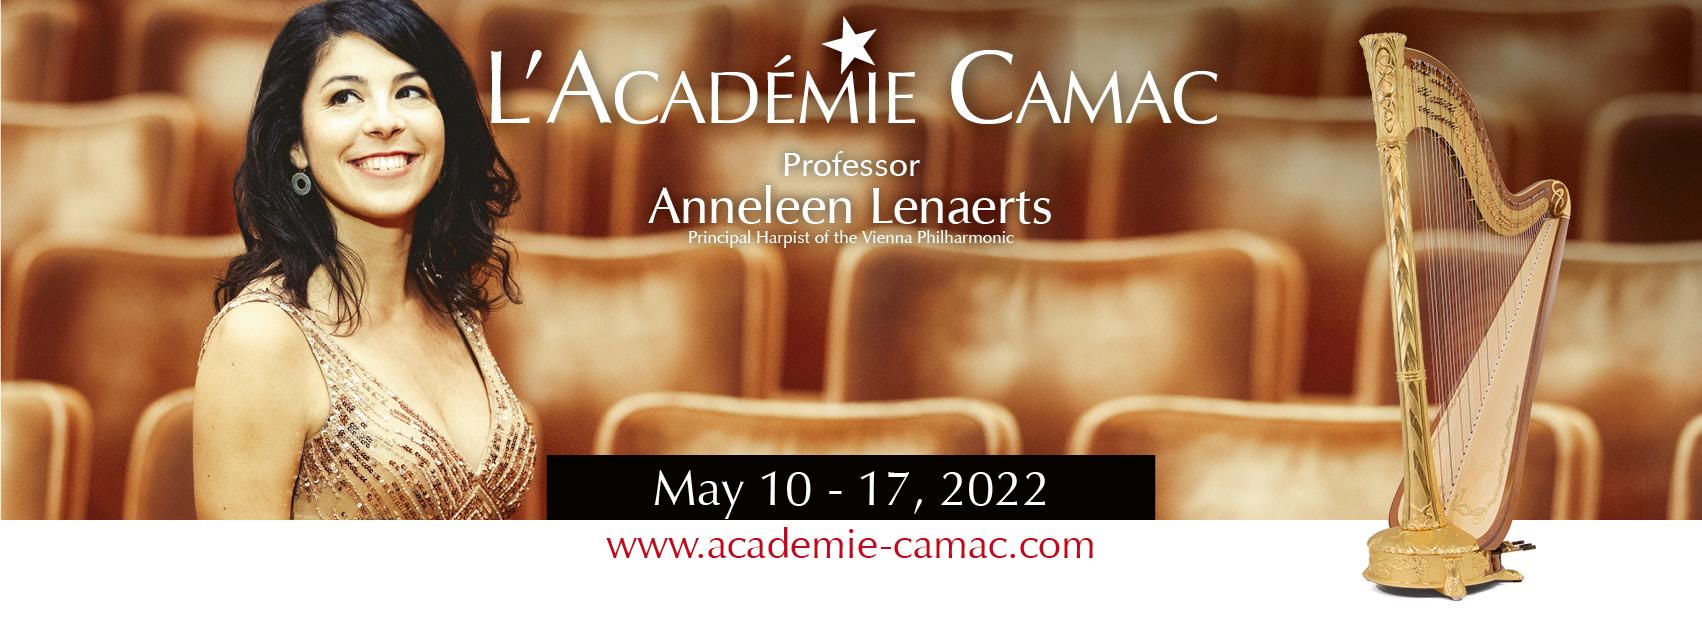 Academy Camac 2022